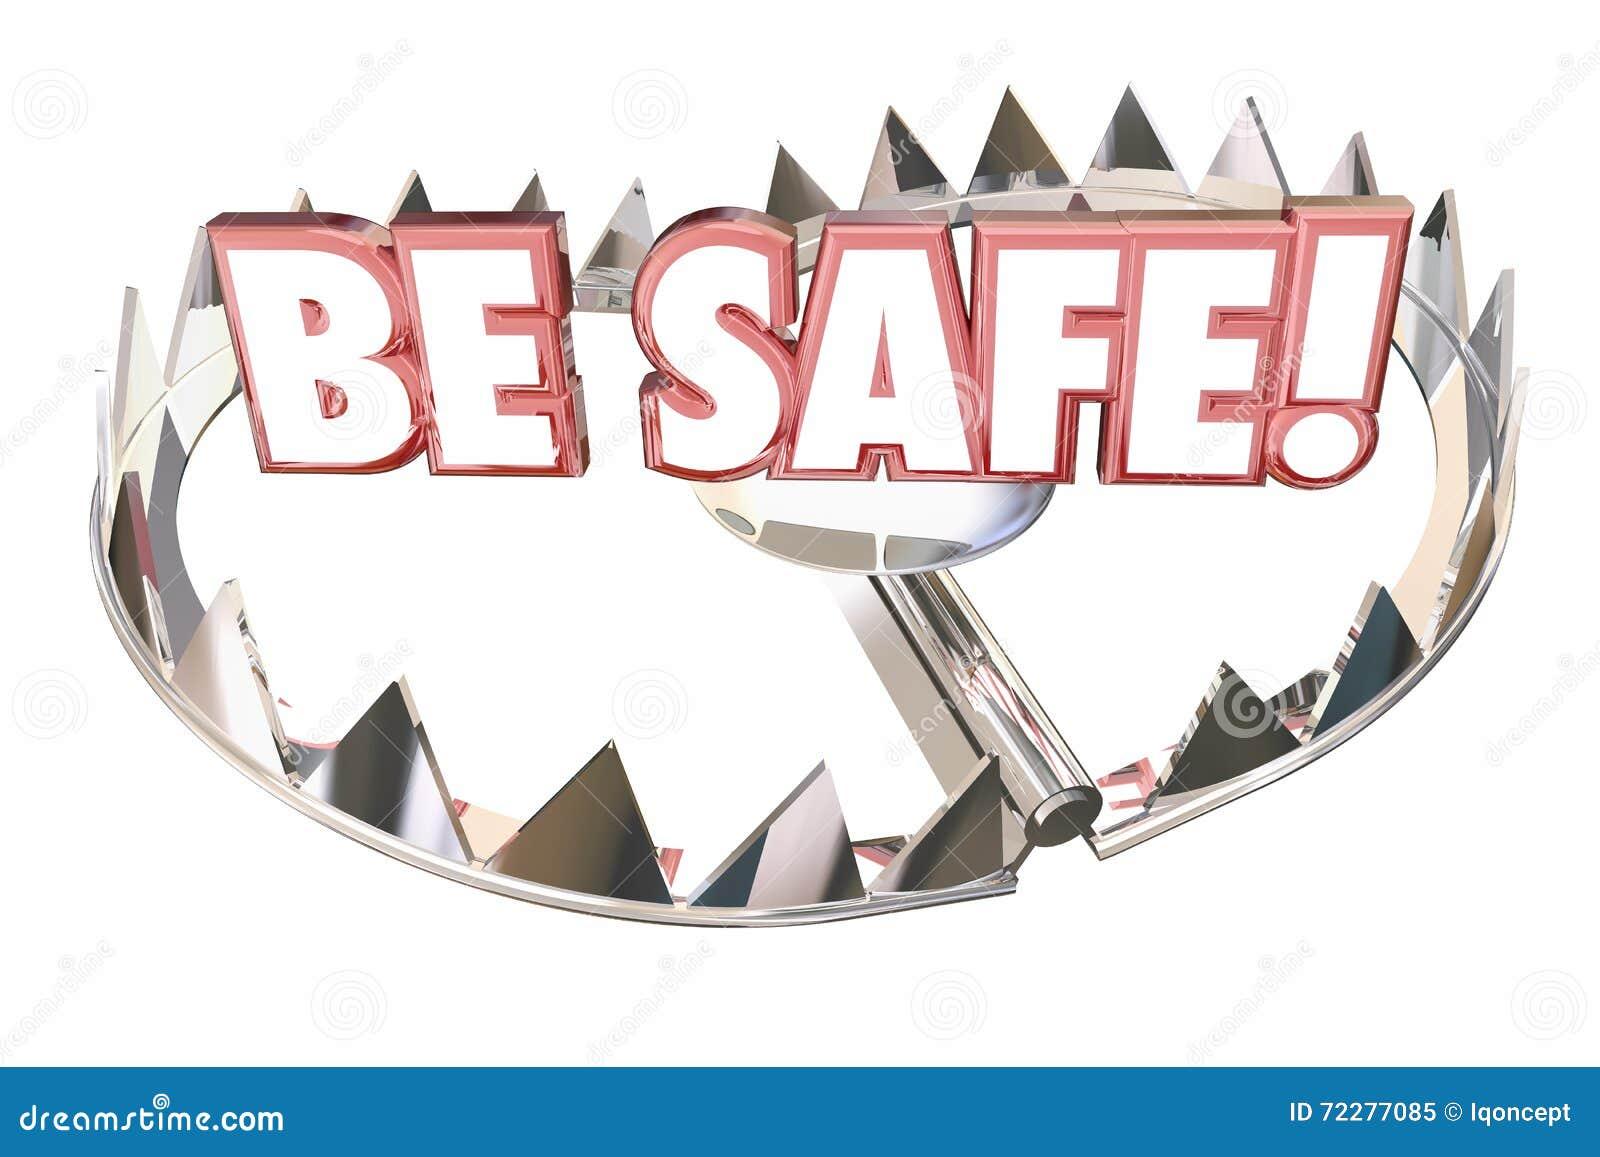 Download Безопасная мера предосторожности подготовьте предотвратите риск опасности Иллюстрация штока - иллюстрации насчитывающей безопасность, предотвратите: 72277085